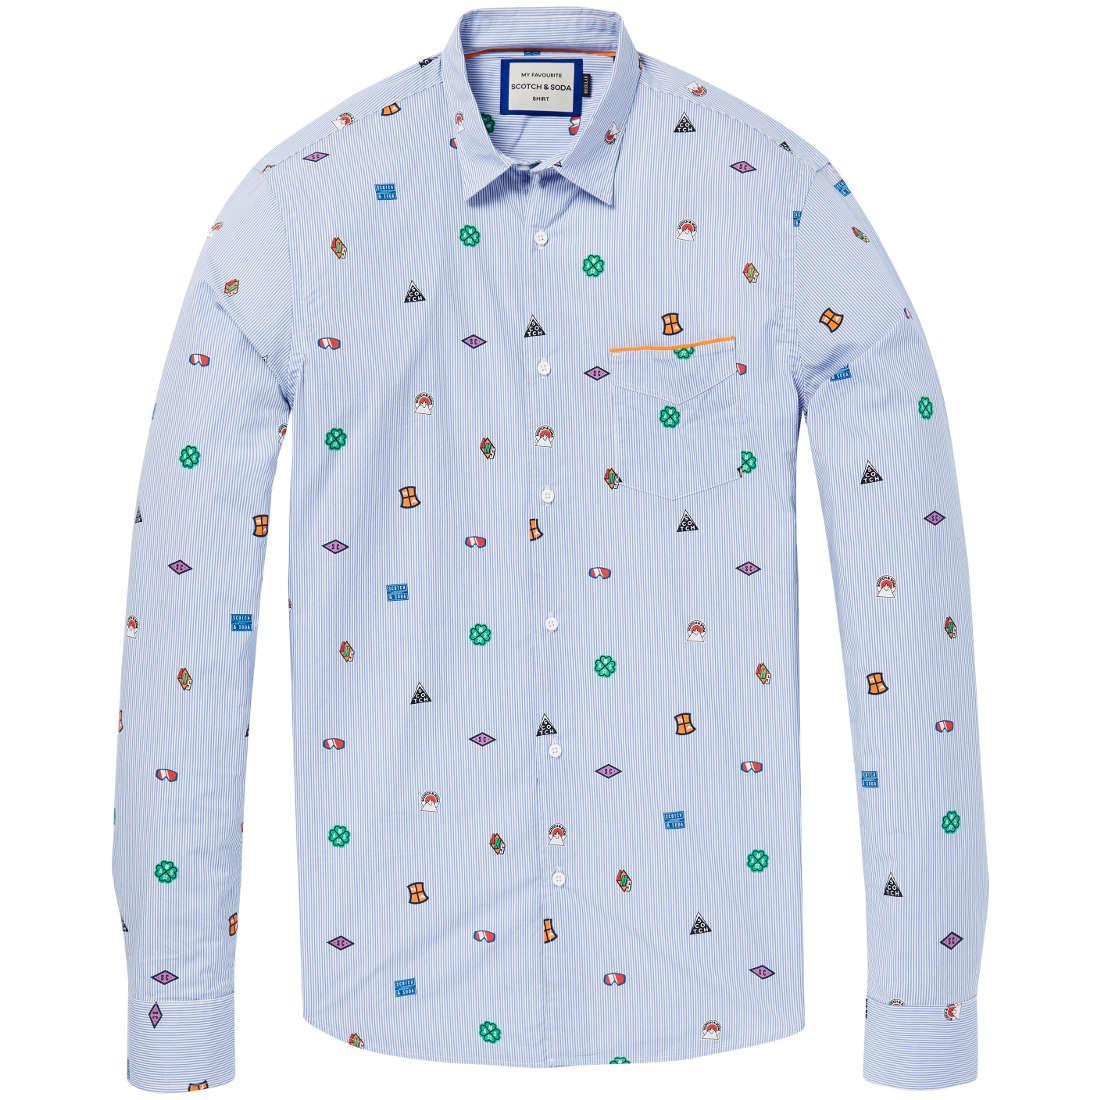 Scotch & Soda overhemd 145424 in het Licht Blauw